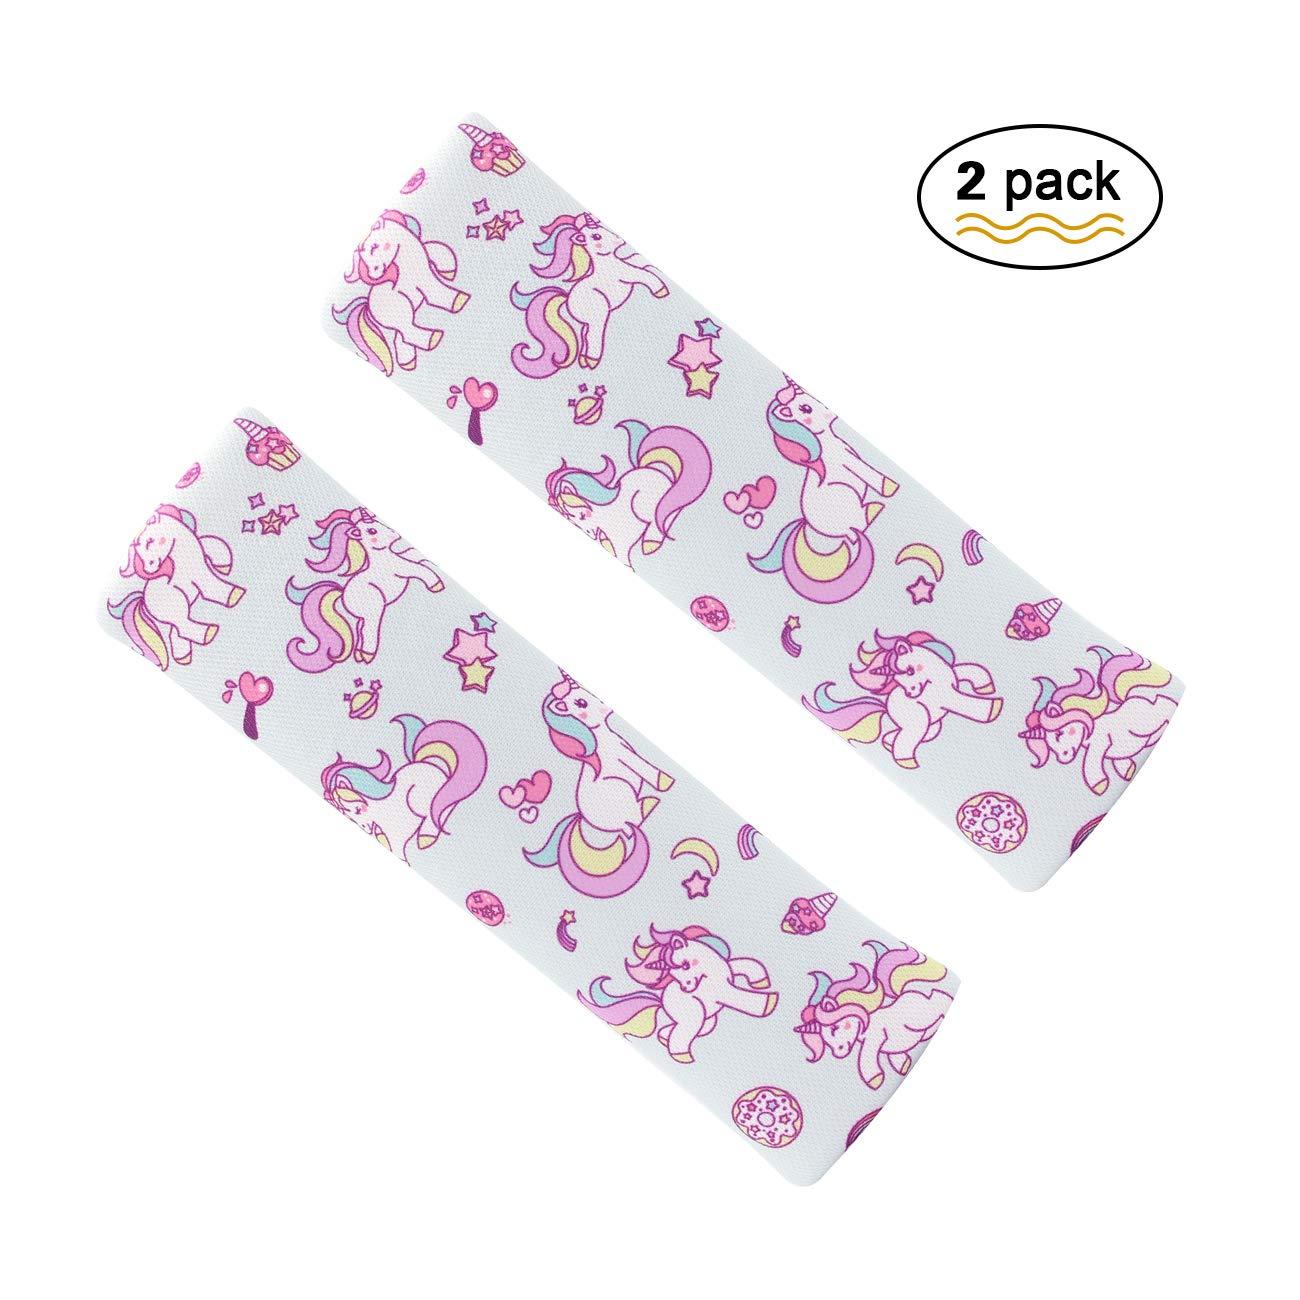 Unicorn pastiglie di cintura, cintura di sicurezza coperture per bambini, regolare veicolo spalline 2PCS. Carrep